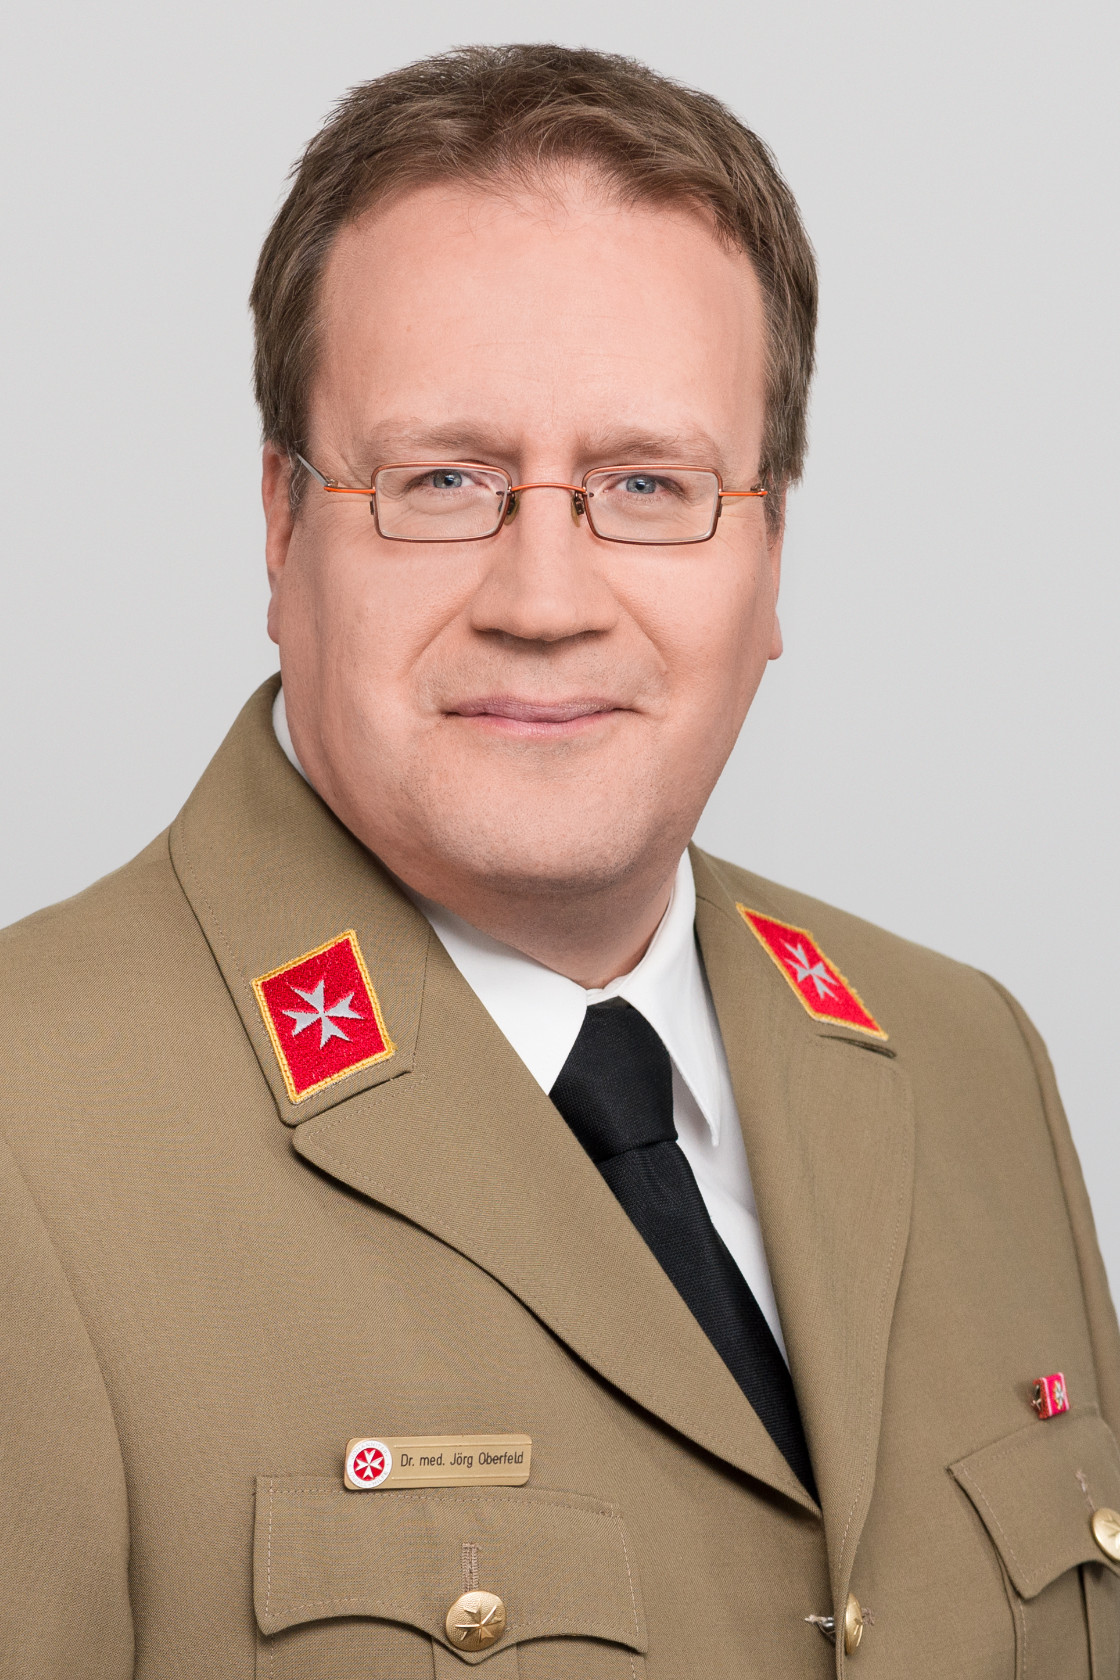 Dr. med Joerg Oberfeld, Bundesarzt der Johanniter-Unfall-Hilfe